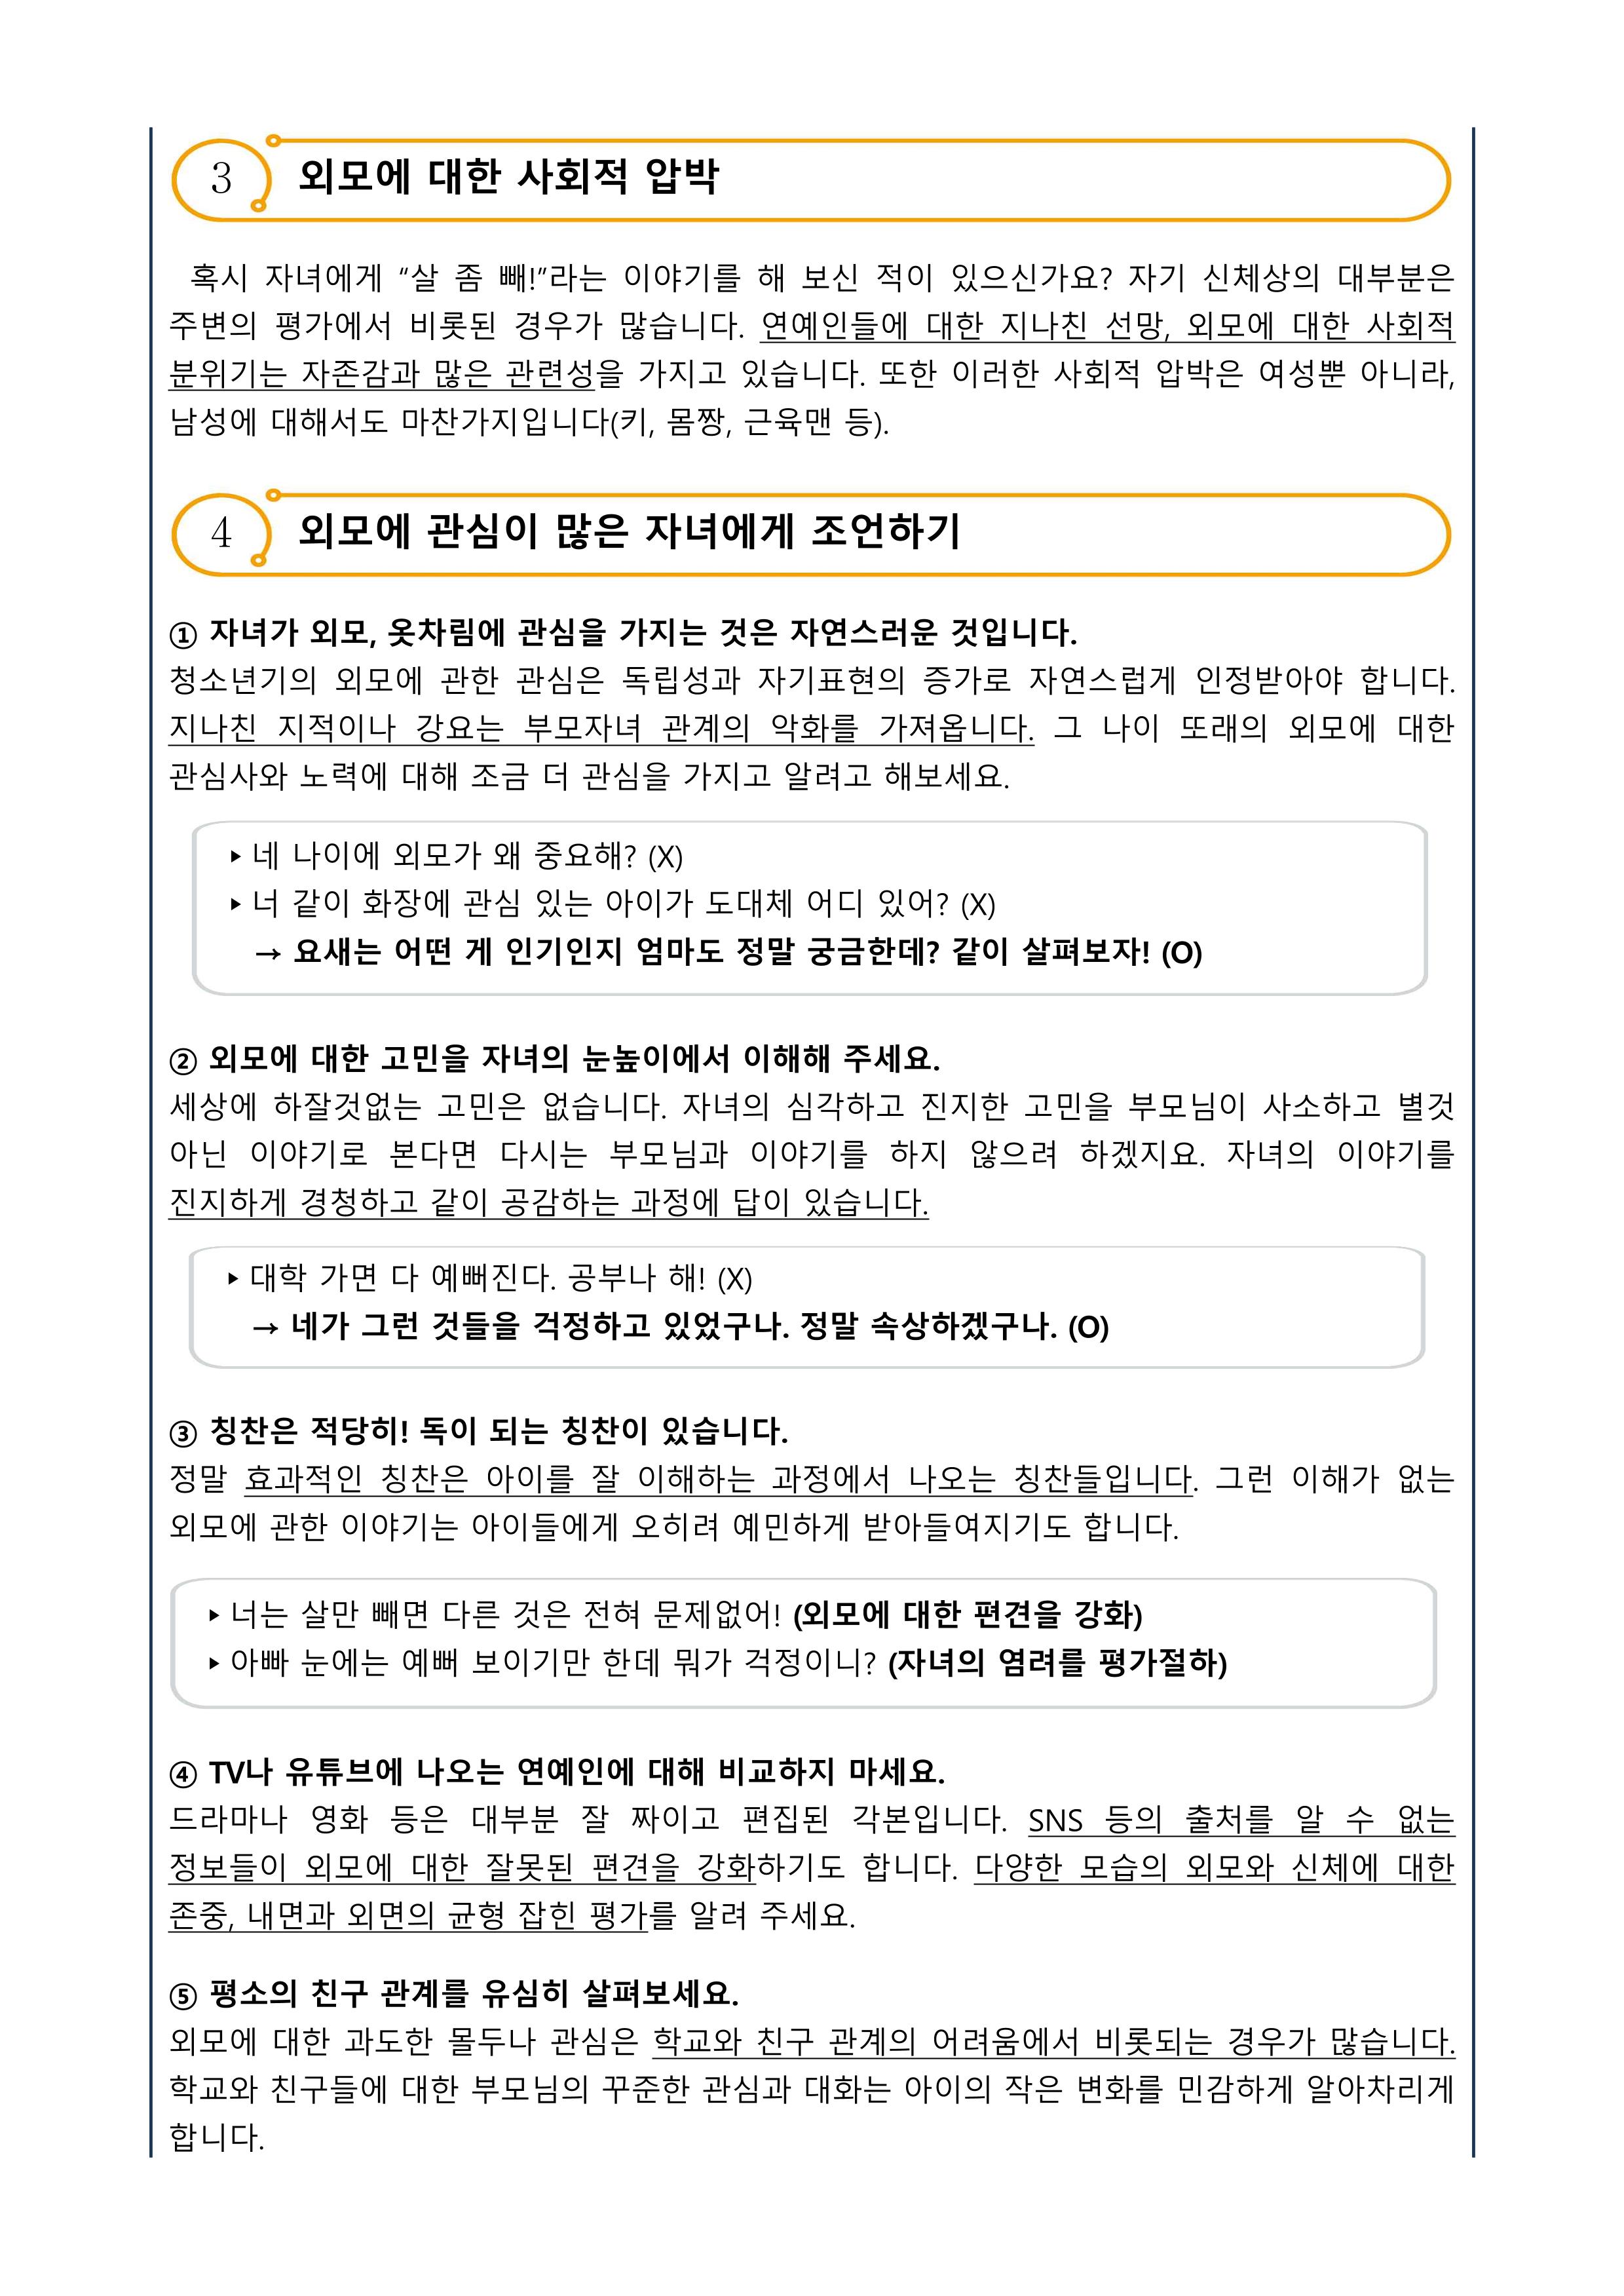 뉴스레터 자녀사랑하기 제2021-8호 가정통신문 2Page.